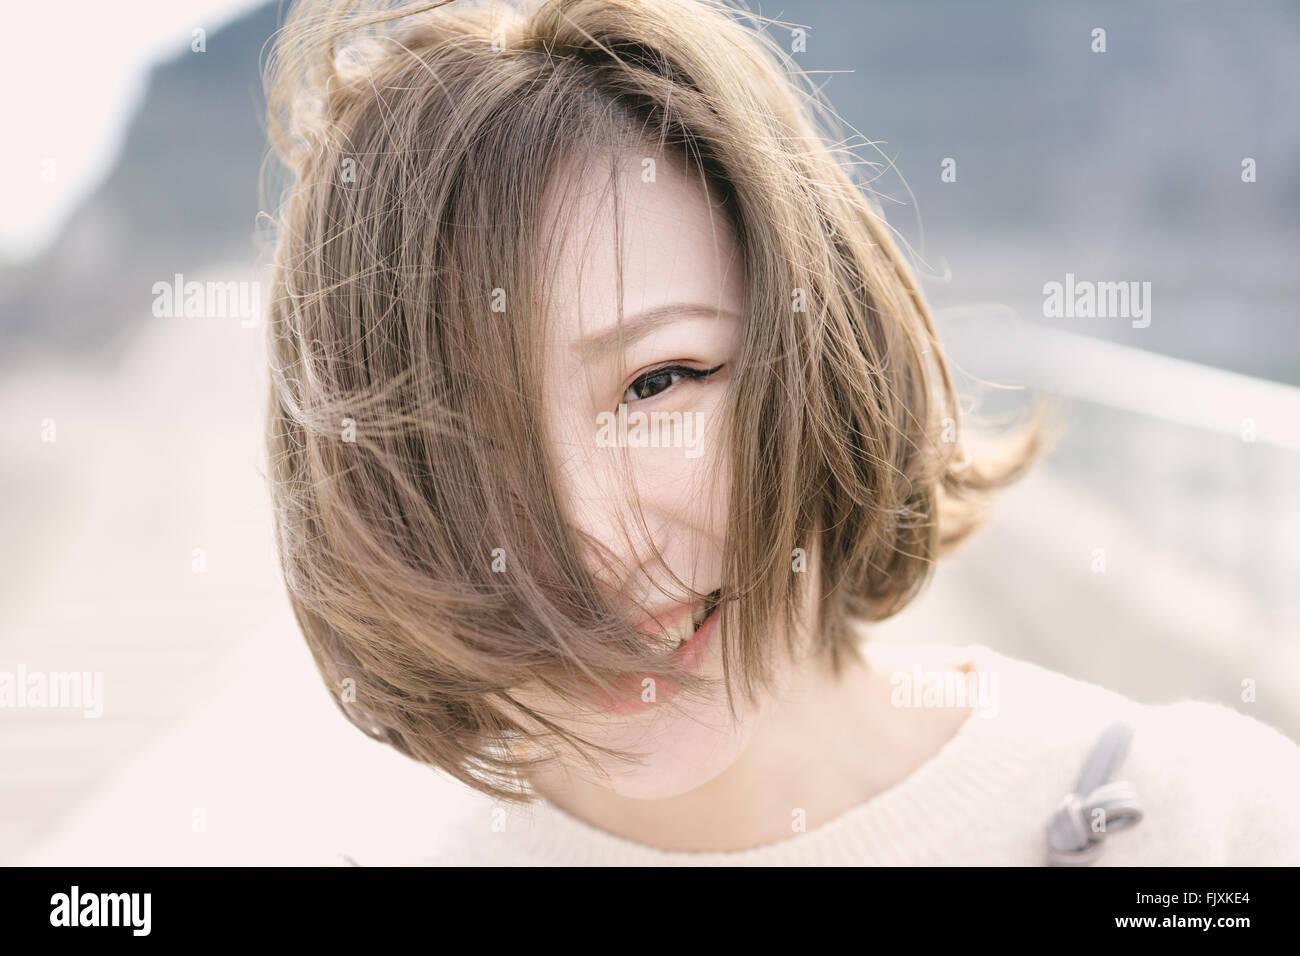 Ritratto di Felice giovane donna sul lungolago Immagini Stock